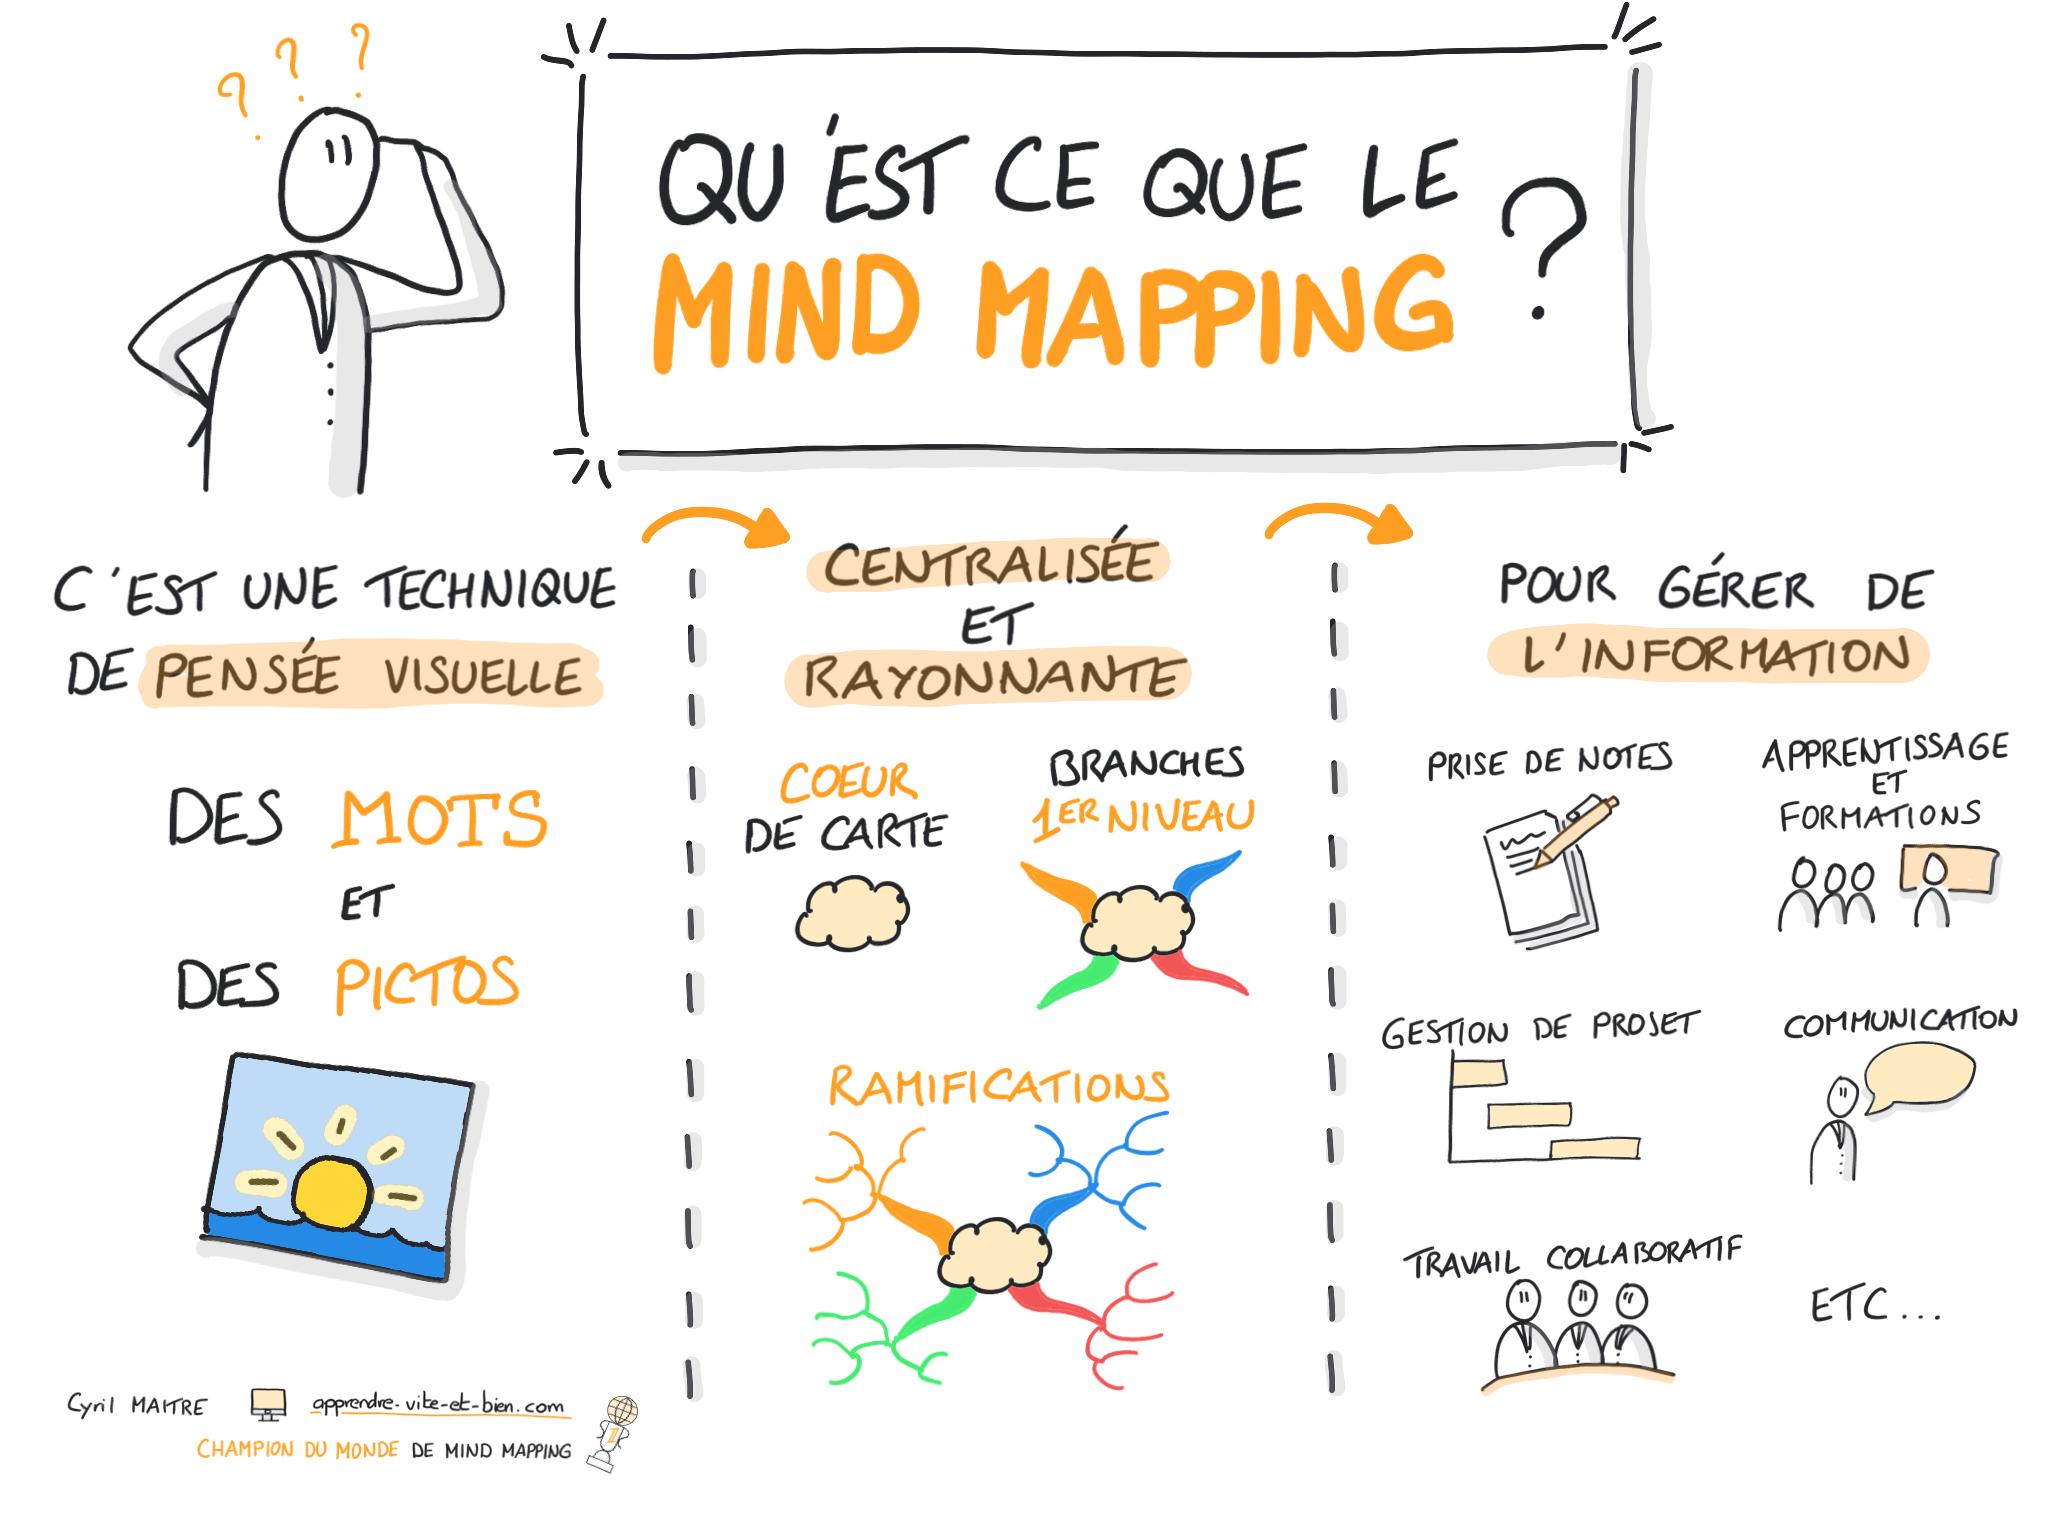 qu est ce que le mind mapping